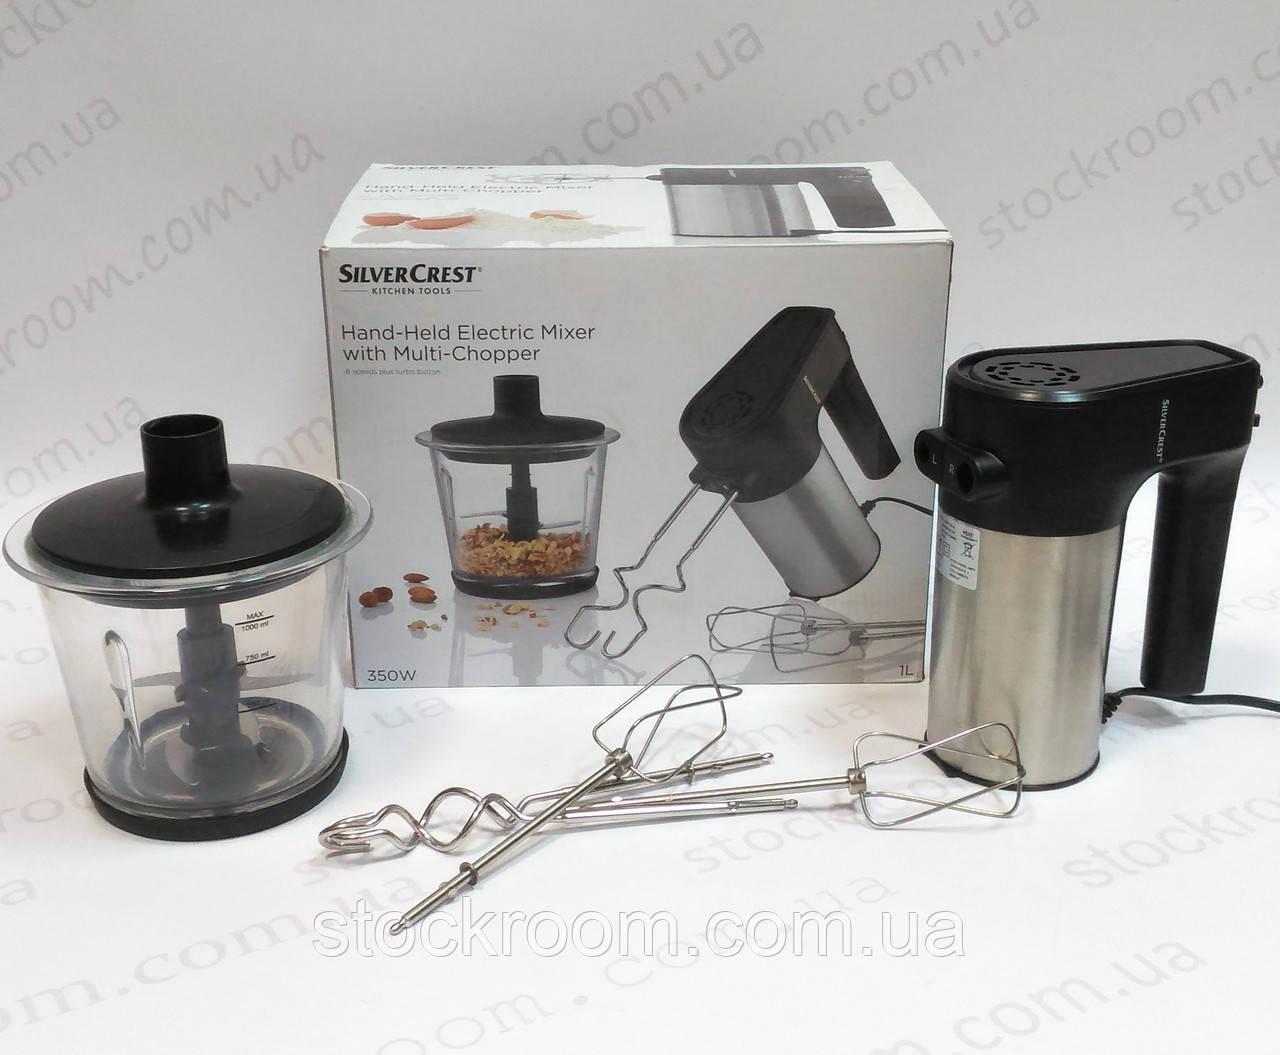 Электрический миксер с измельчителем Silver Crest SHMM 350 A1 ручной